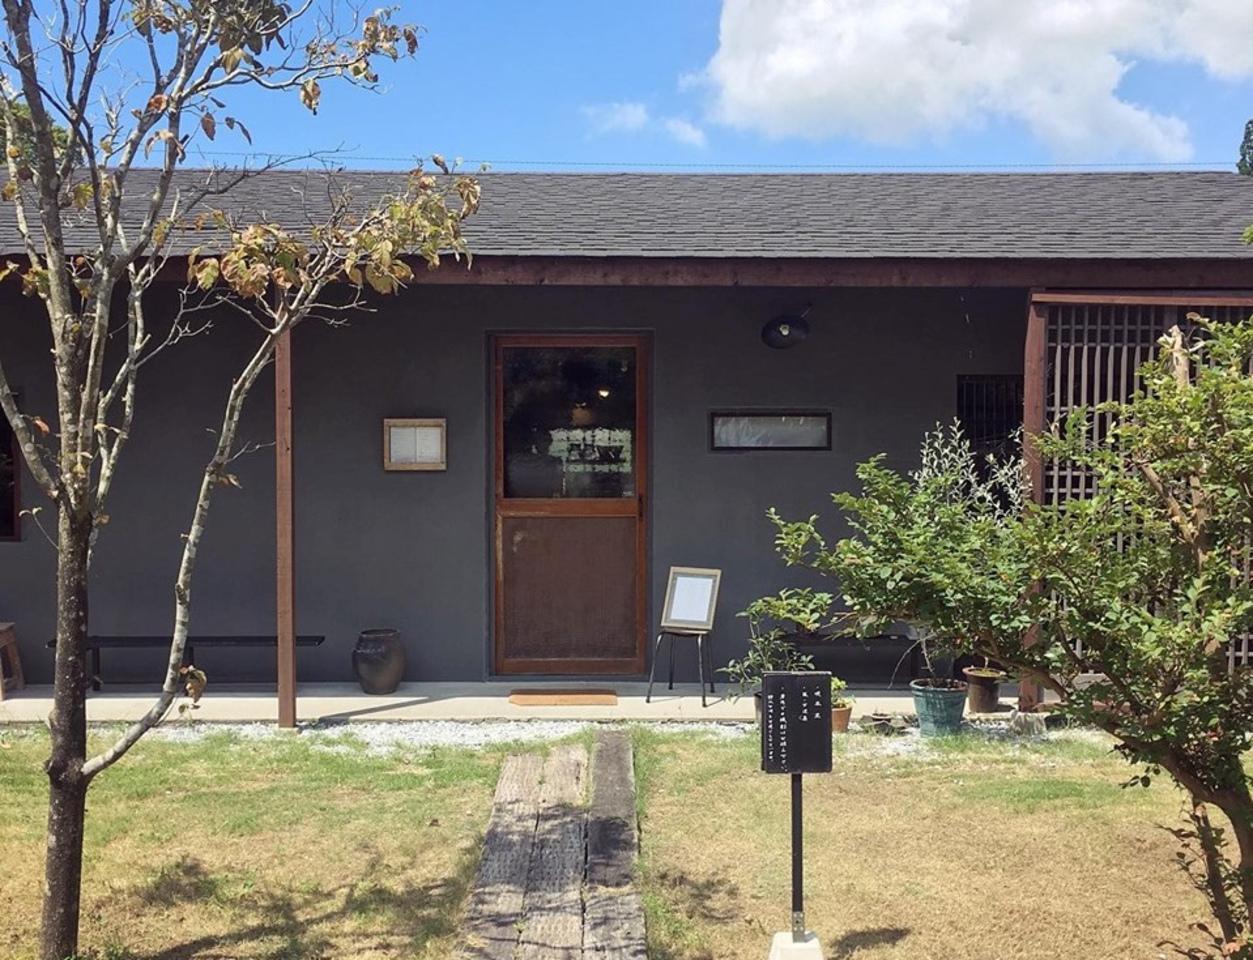 喫茶室と暮らしの道具店。。鹿児島県日置市東市来町美山の『夏ノ庭』